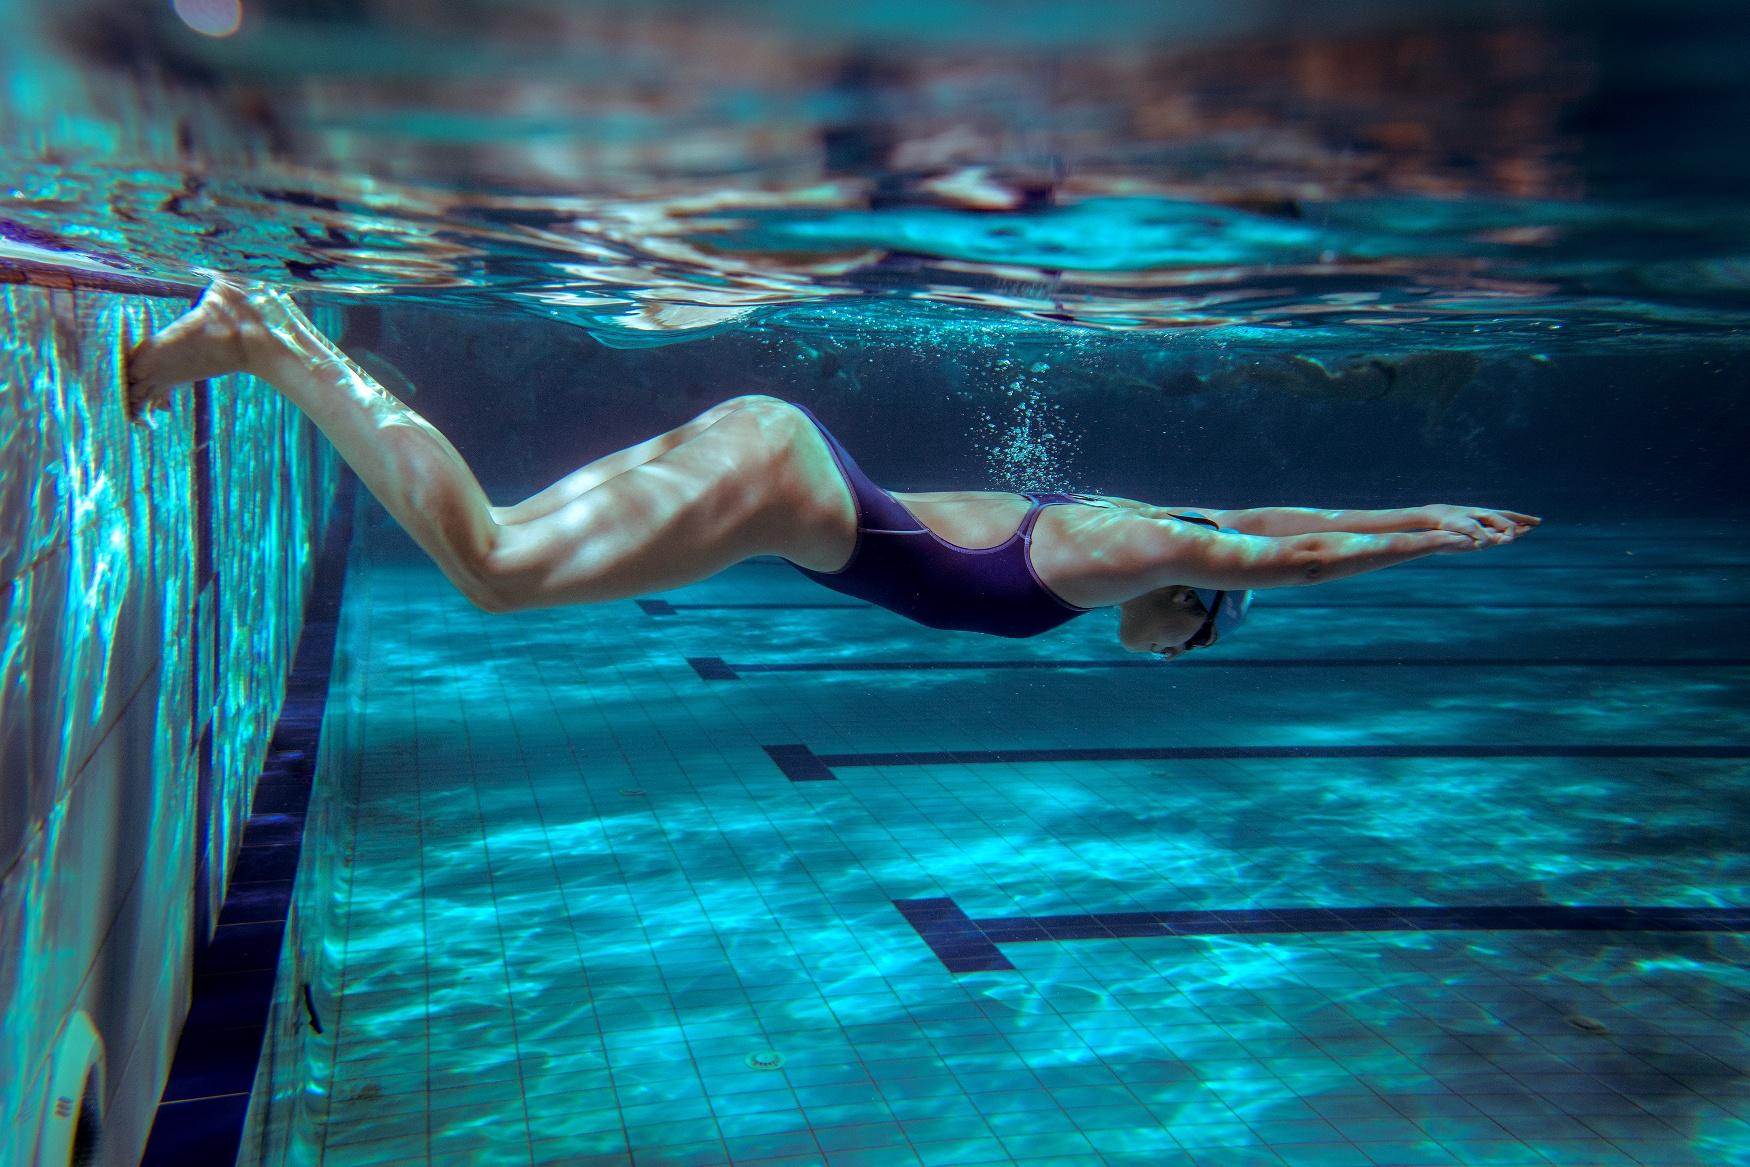 Nuoto in piscina tutto quel che serve  Consiglibenessereorg